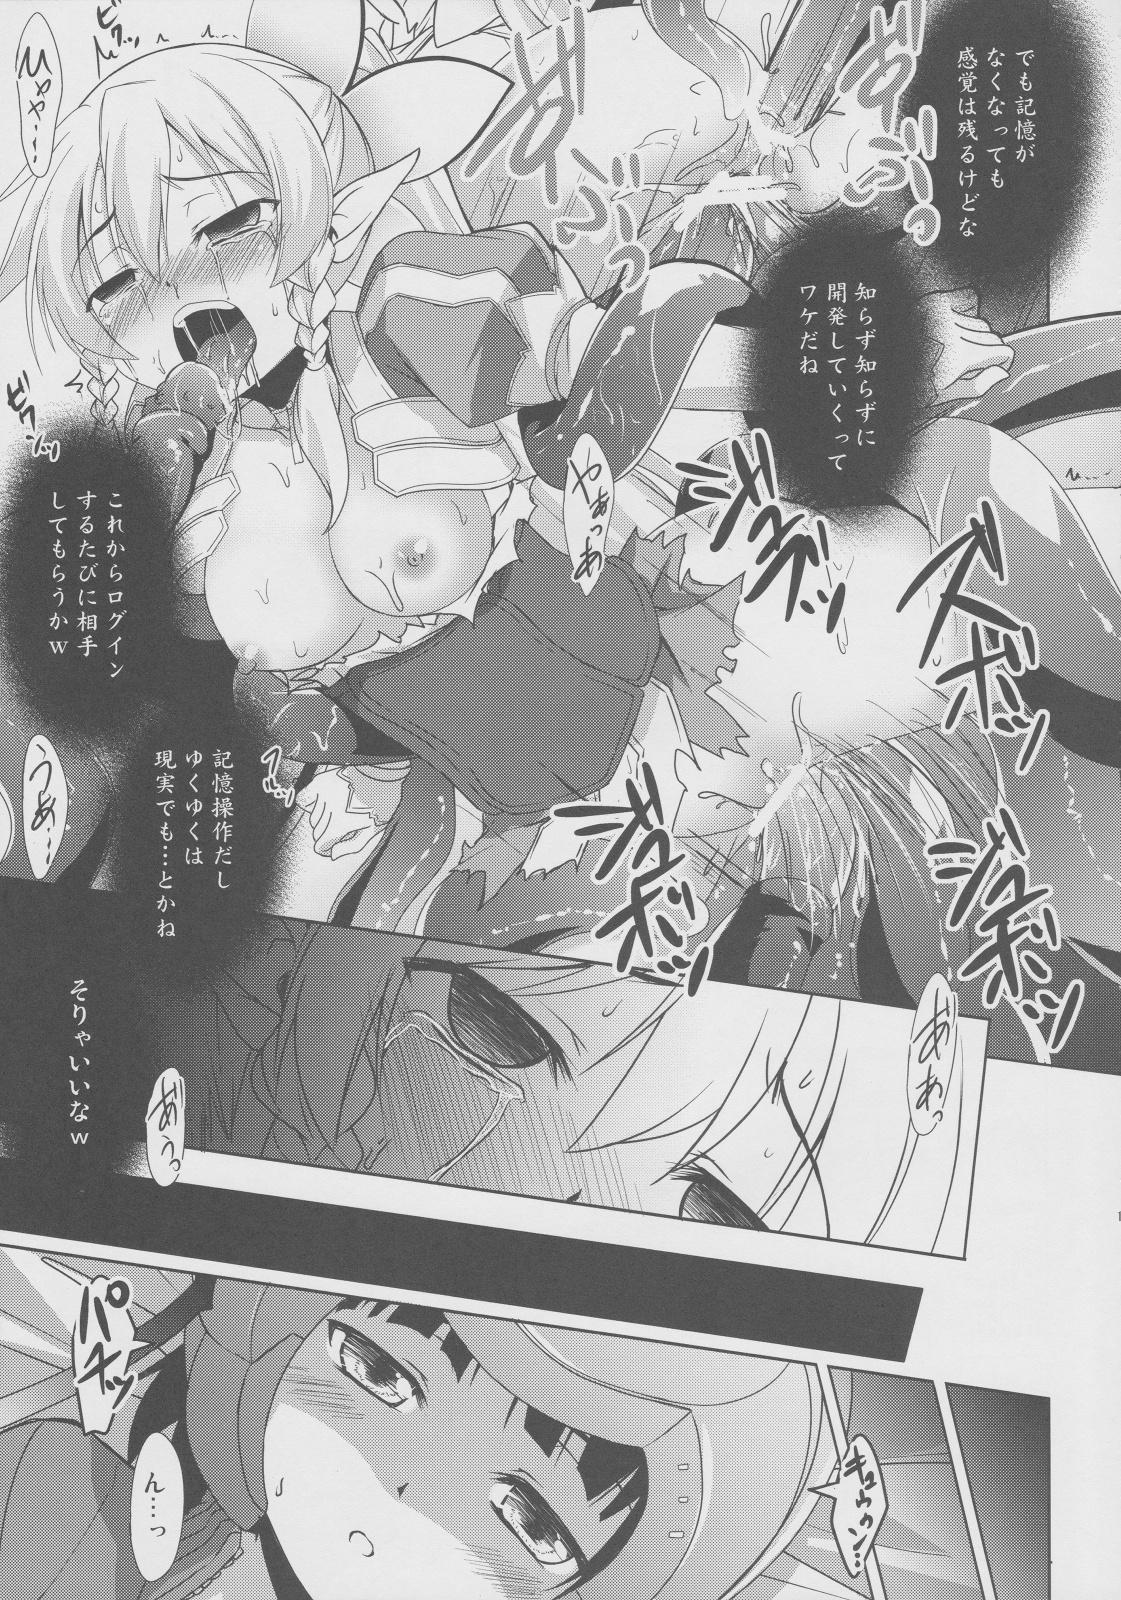 Leafa to Fuyukai na Shachiku-tachi 17